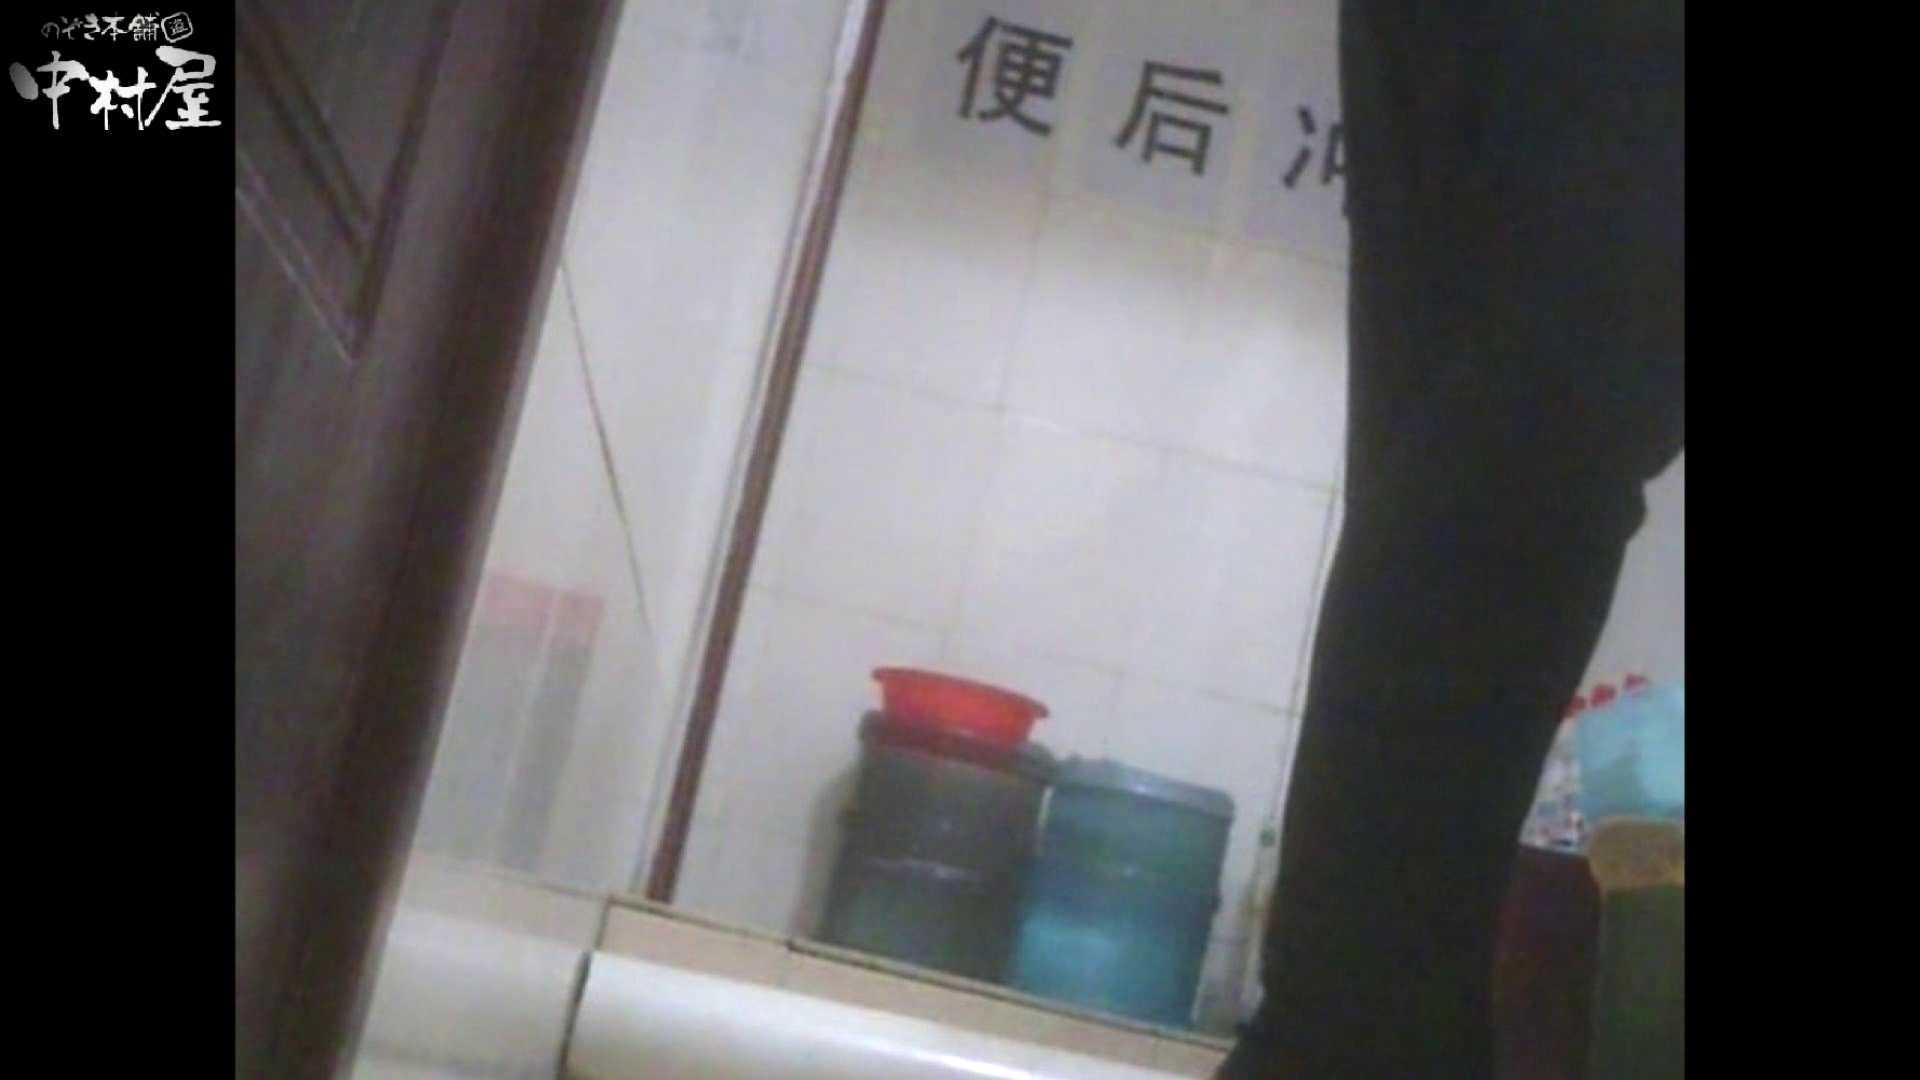 李さんの盗撮日記 Vol.13 盗撮 おまんこ動画流出 109画像 47